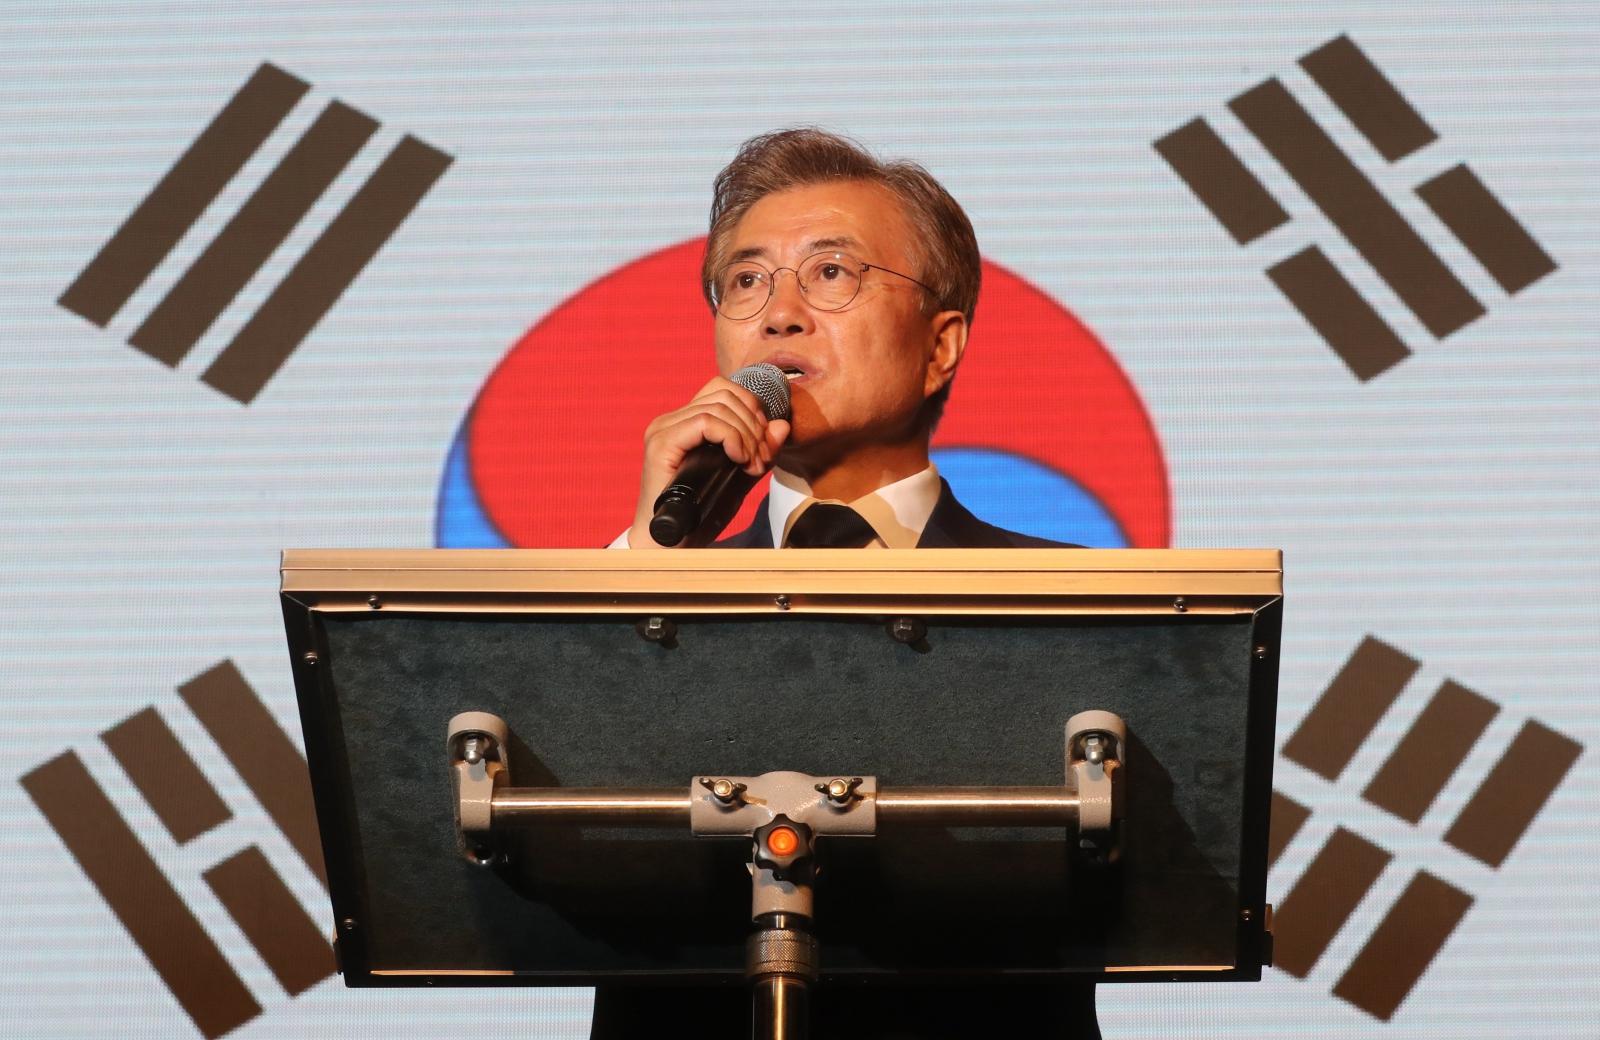 Wybory prezydenckie w Korei Południowej. fot. EPA/YONHAP SOUTH KOREA OUT